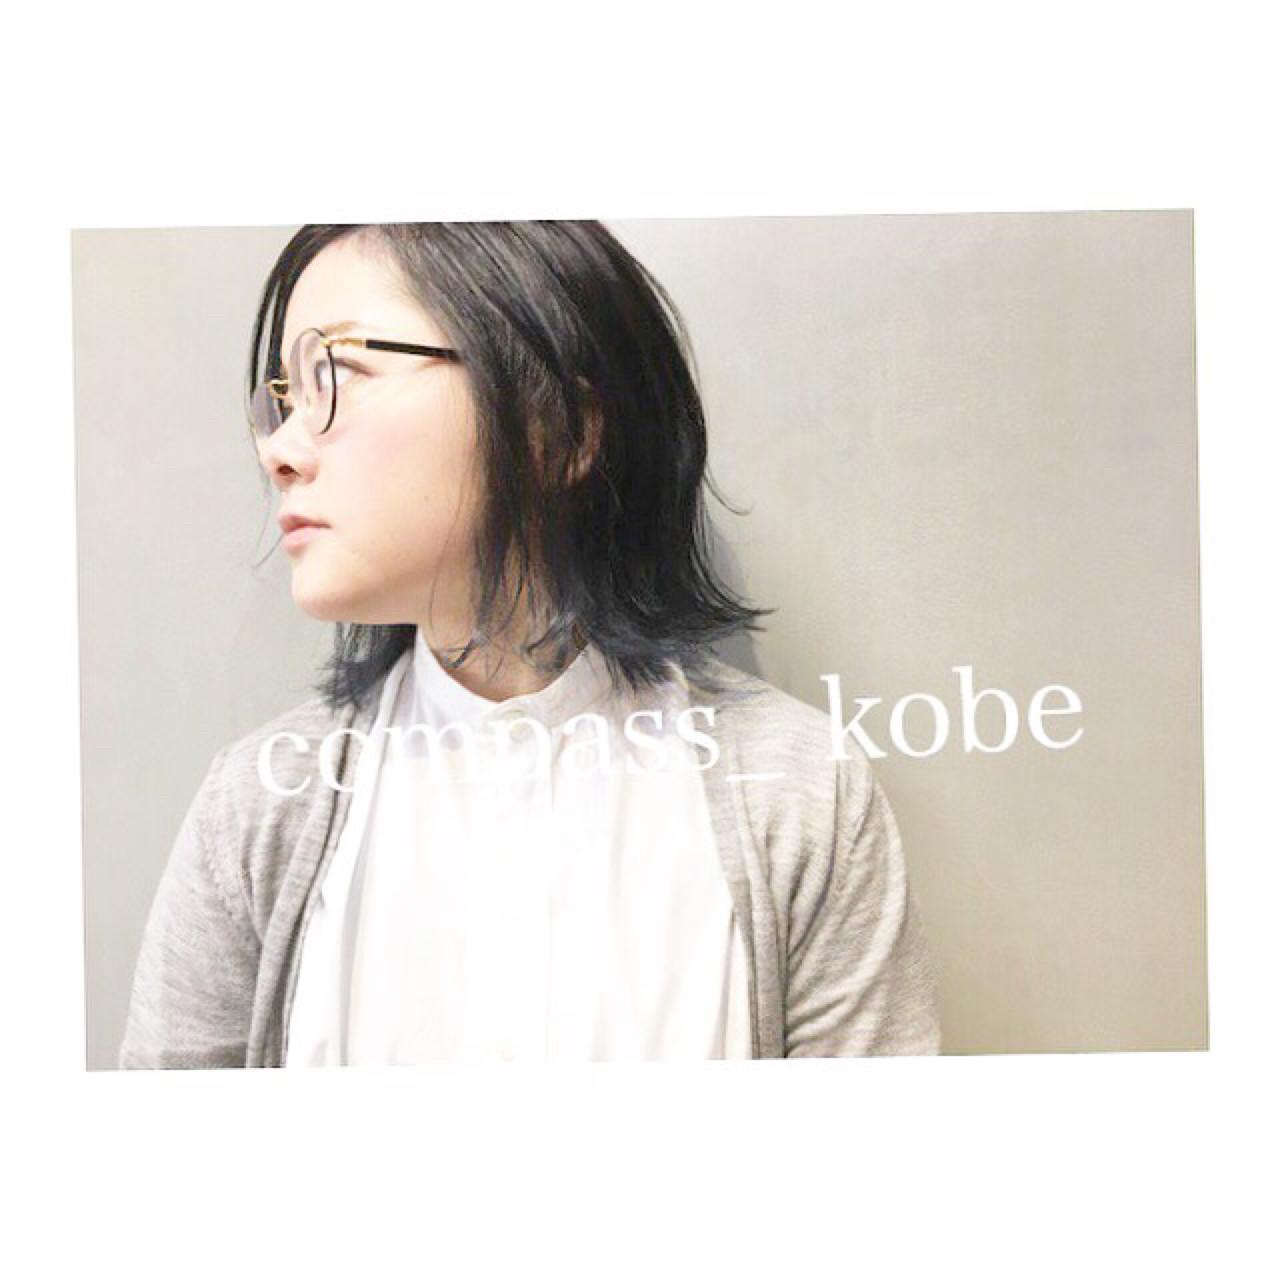 透け感ボブ × ネイビー 裾カラー☆ スタッフ募集中♫